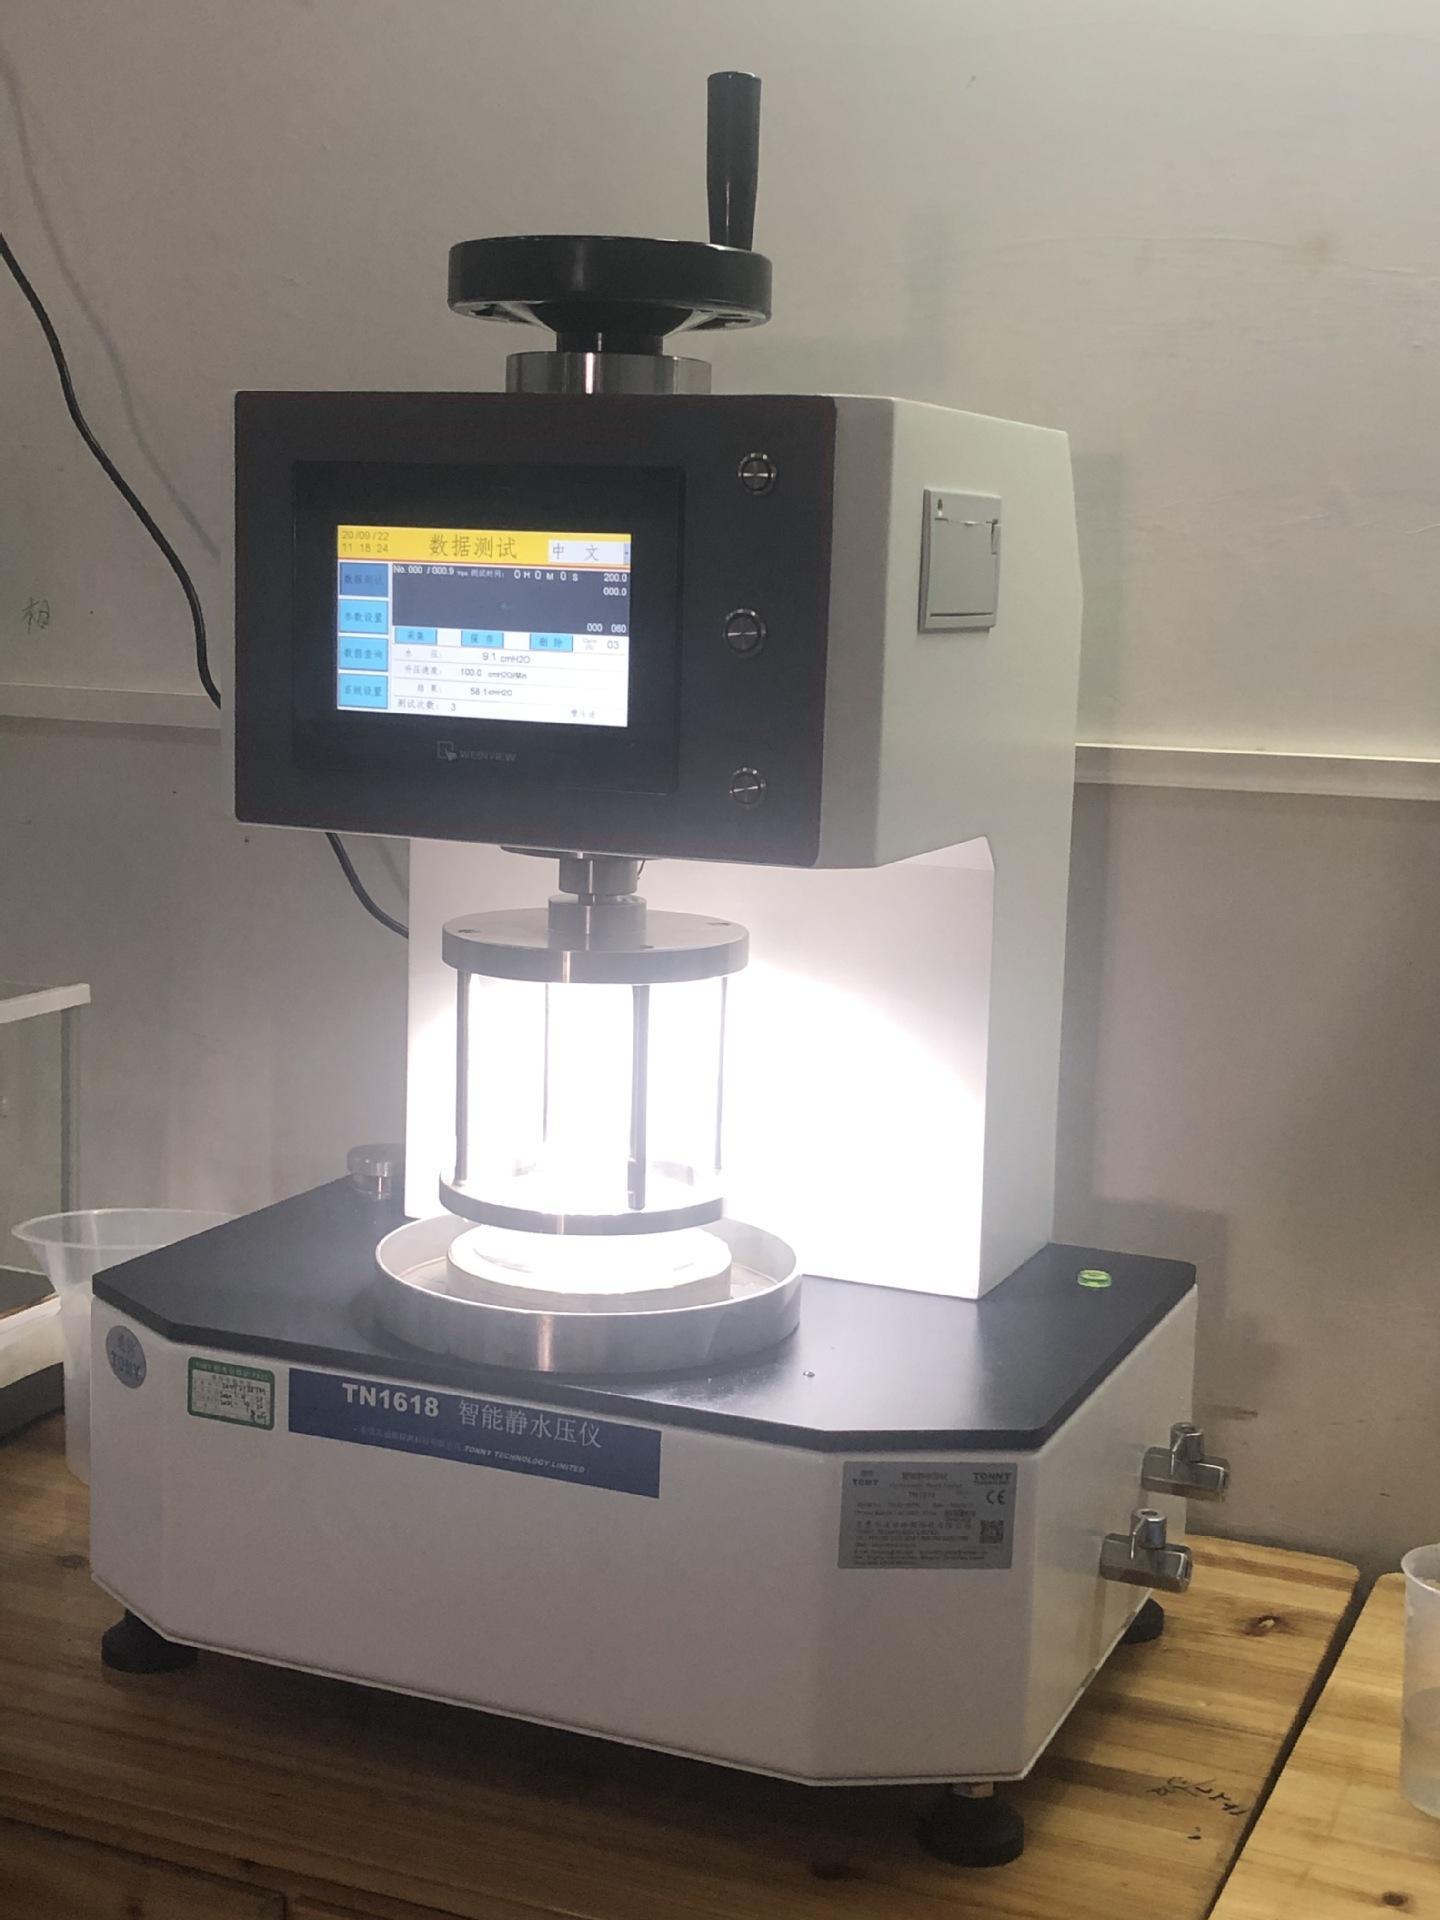 靜水壓試驗儀,防護服抗滲水性測定儀,非織造布GB/T24218.16 4